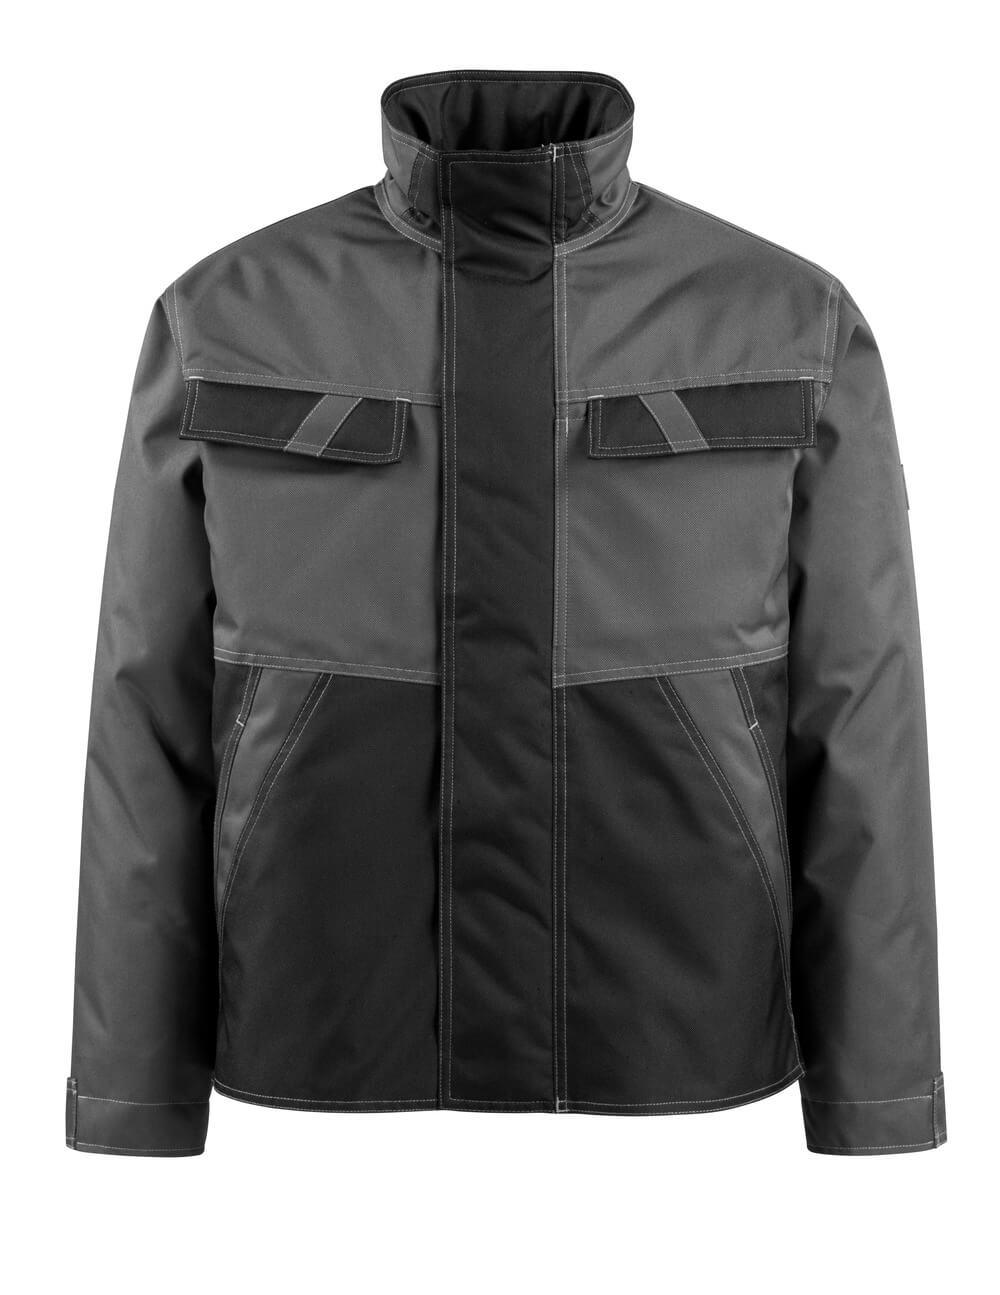 15735-126-1809 Winter Jacket - dark anthracite/black